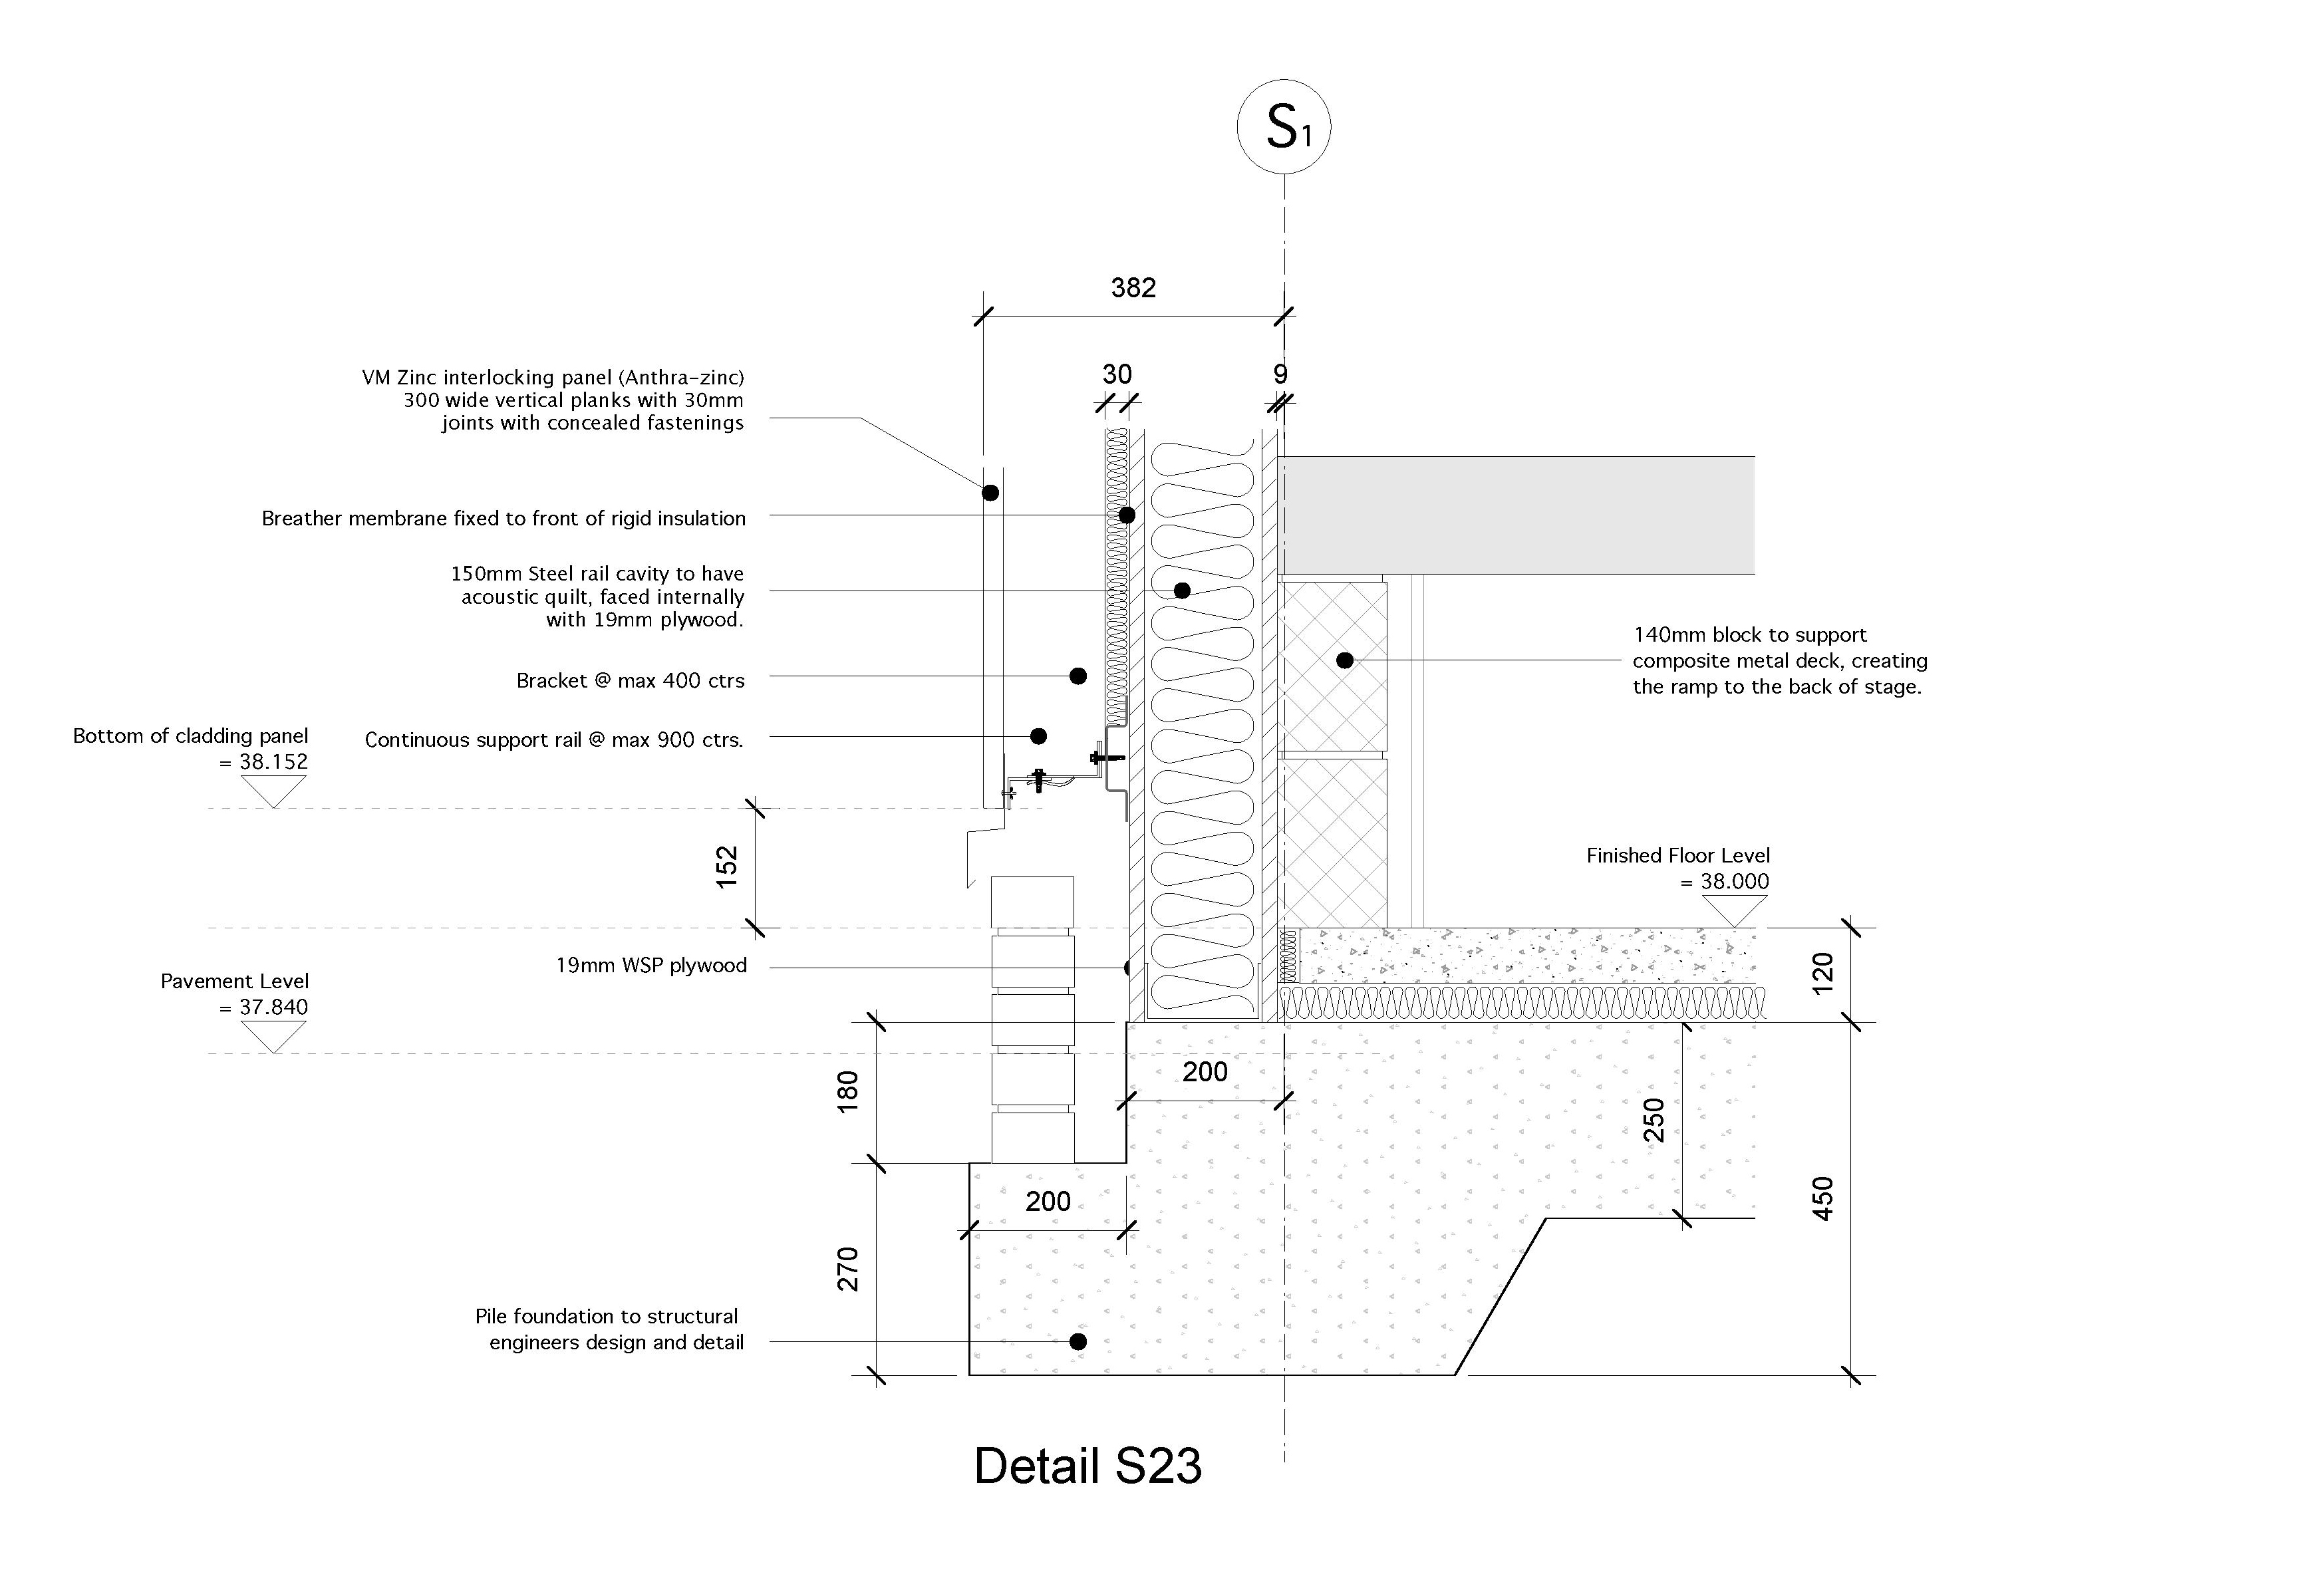 SS1a - Slide 7a